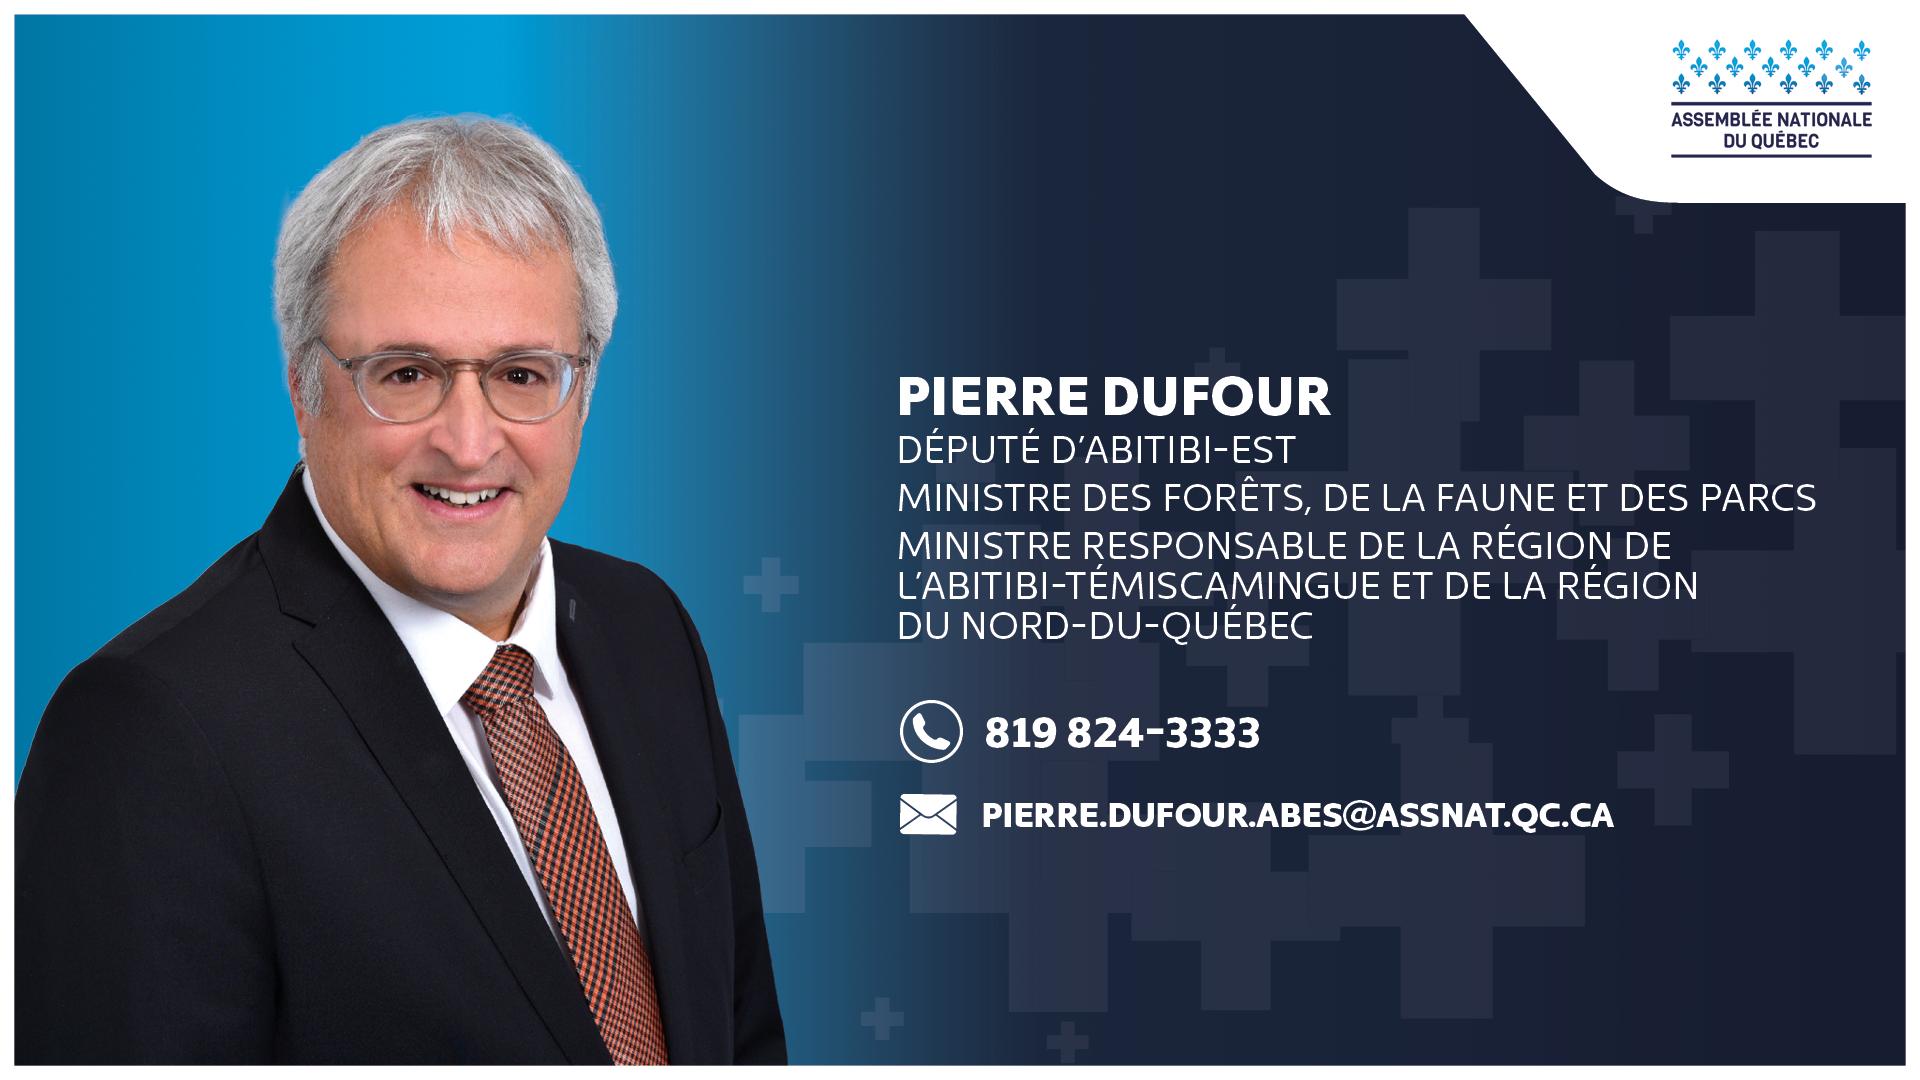 Pierre Dufour Ministre de la région de l'Abitibi-Témiscamingue et du Nord-du-Québec